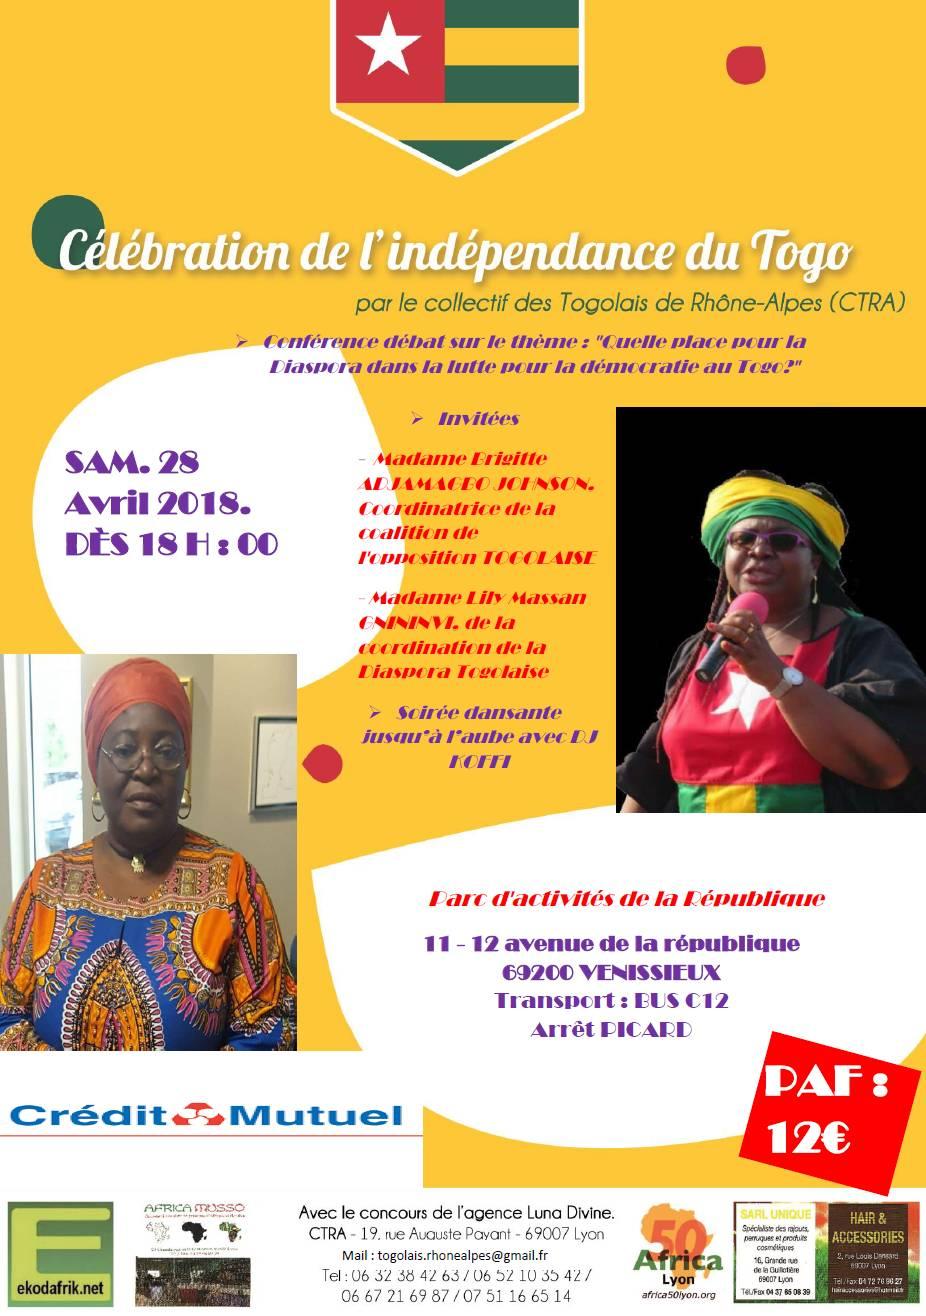 [TOGO] Célébration de la fête de l'indépendance à Lyon samedi 28 avril 2018